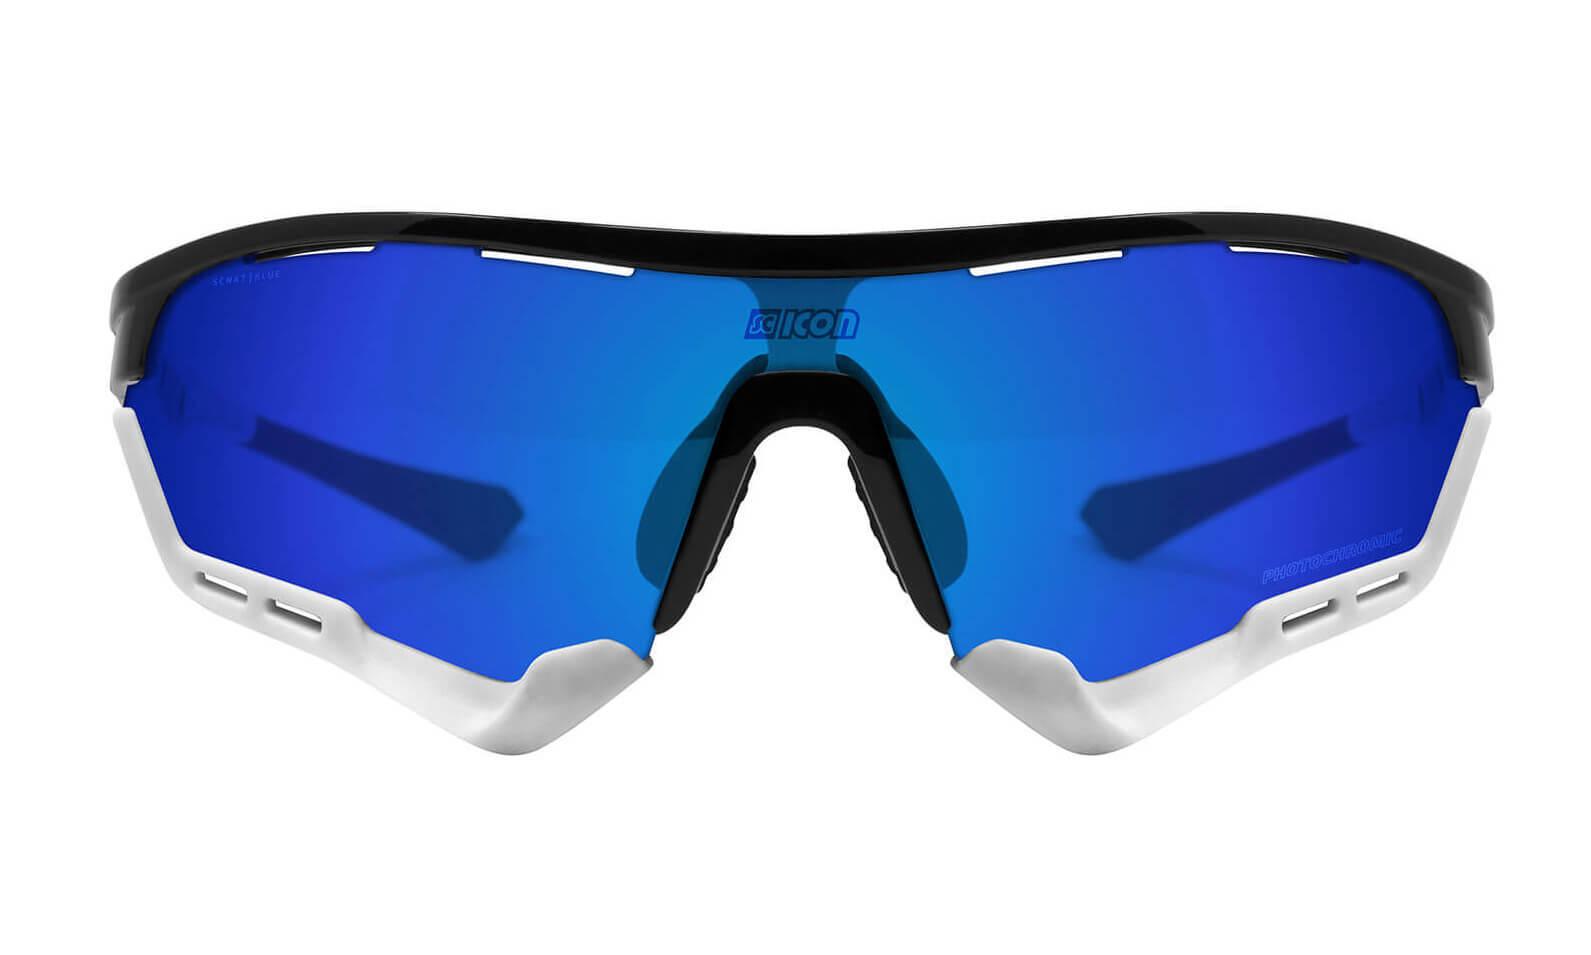 Aerotech Eyewear